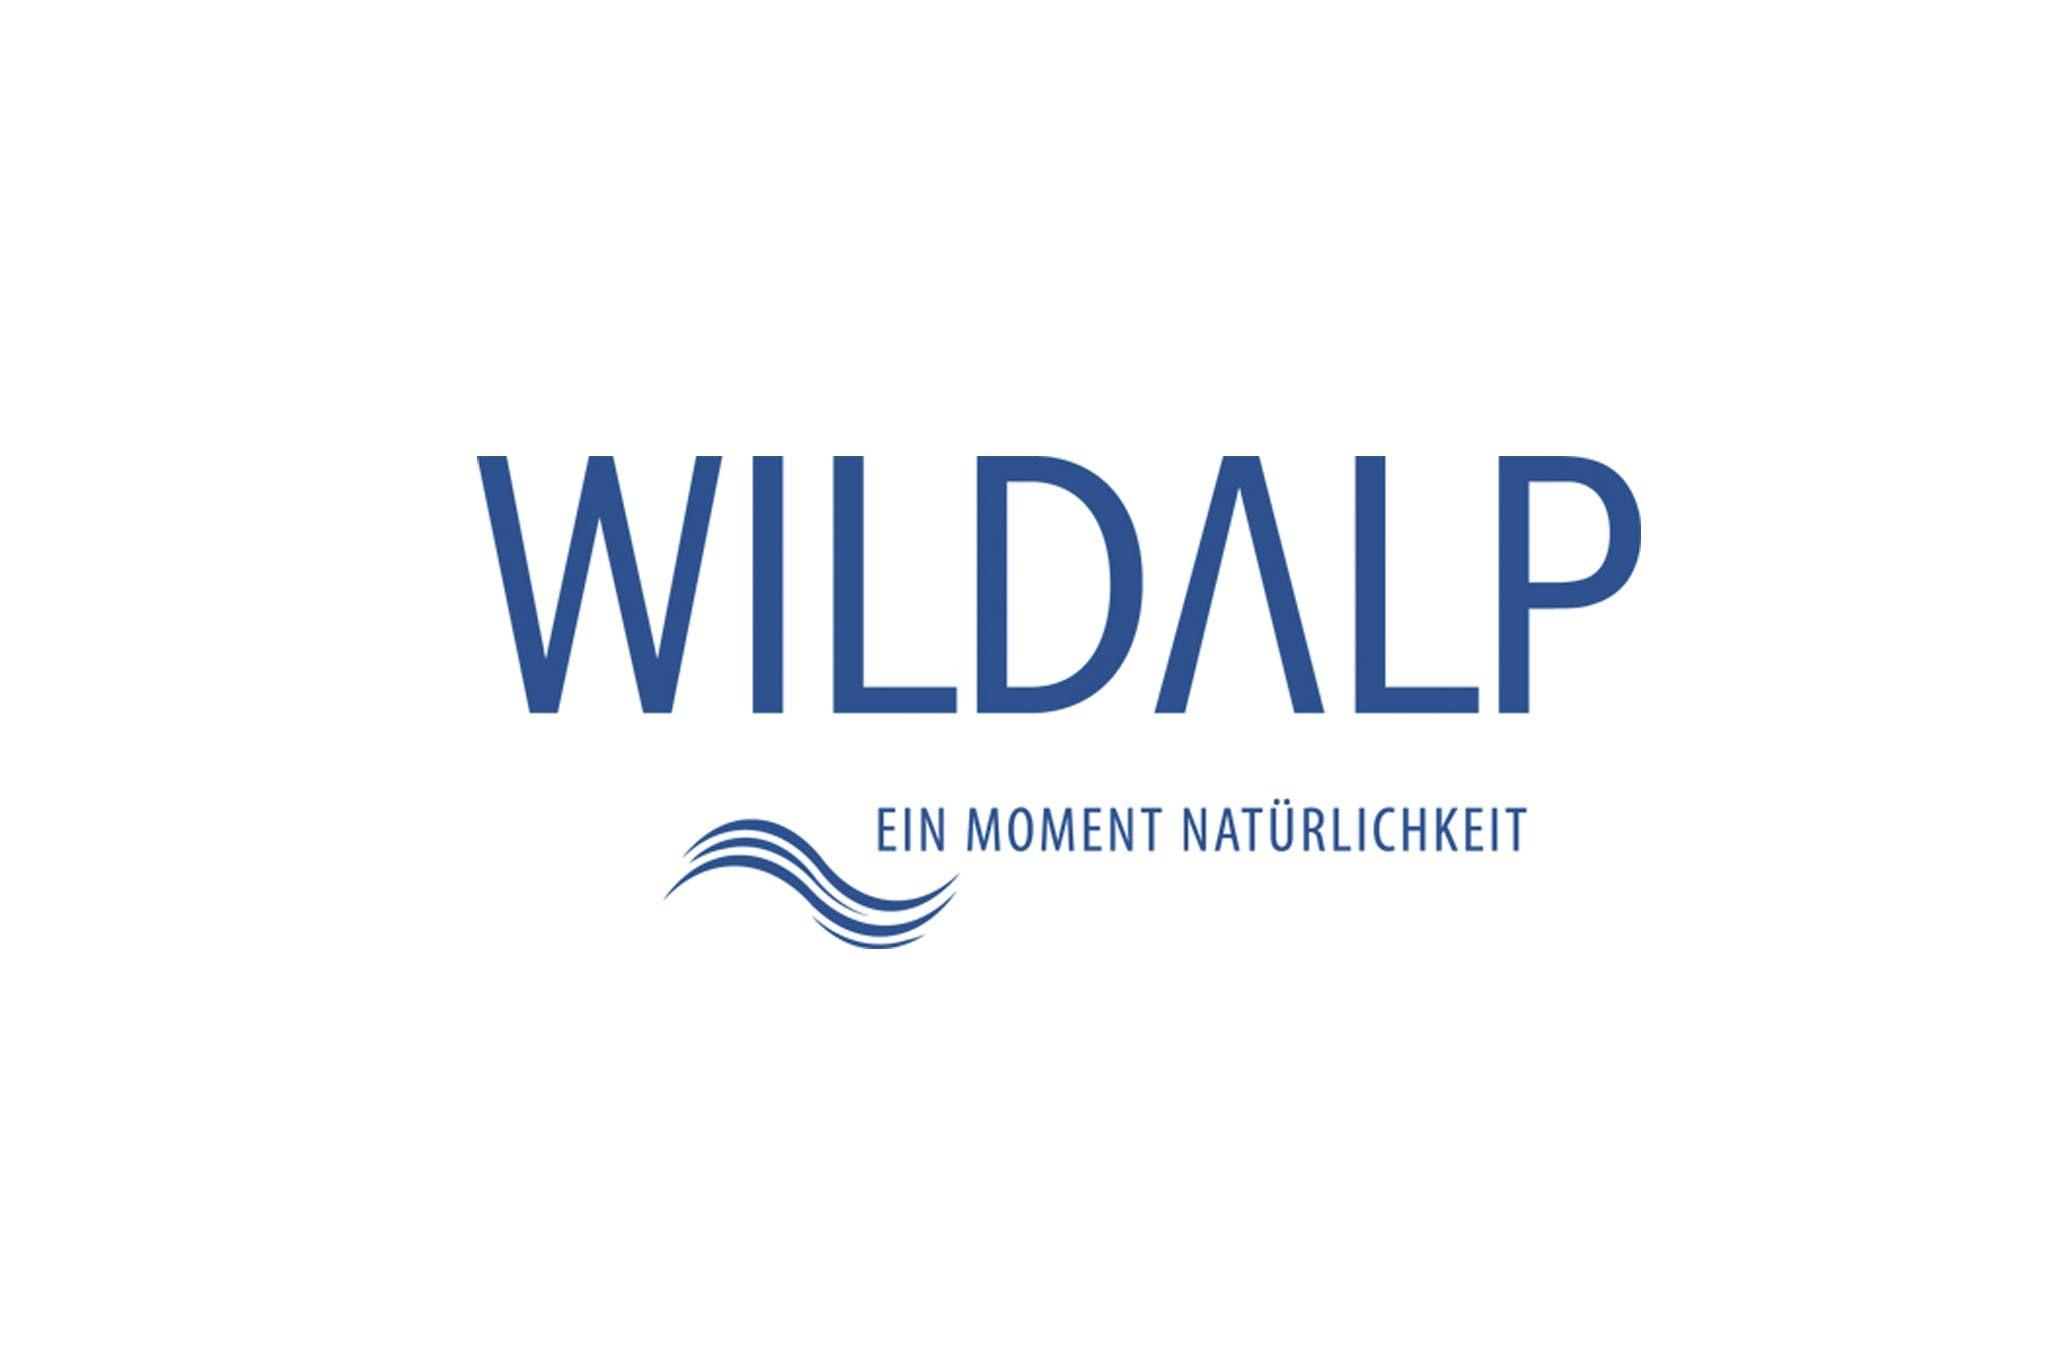 WILDALP